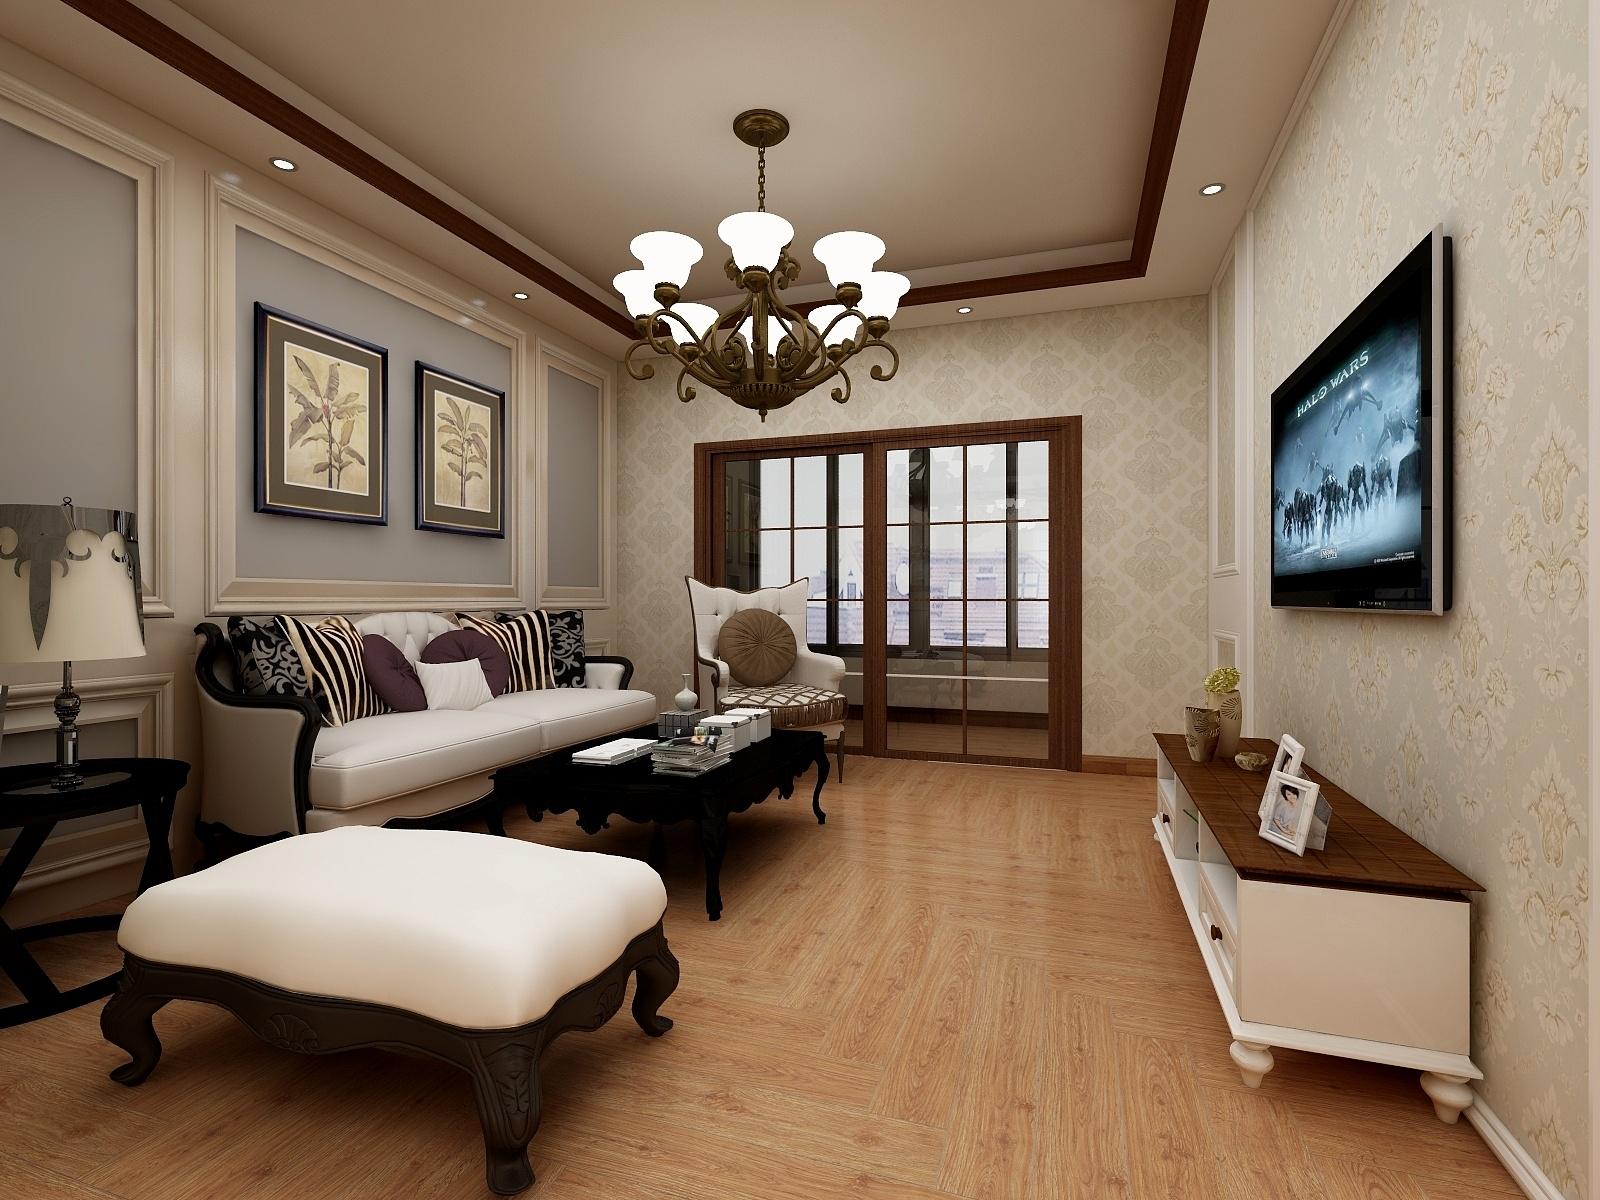 清华大溪地-3房2厅-美式风格-159014-设计师:黄红妮